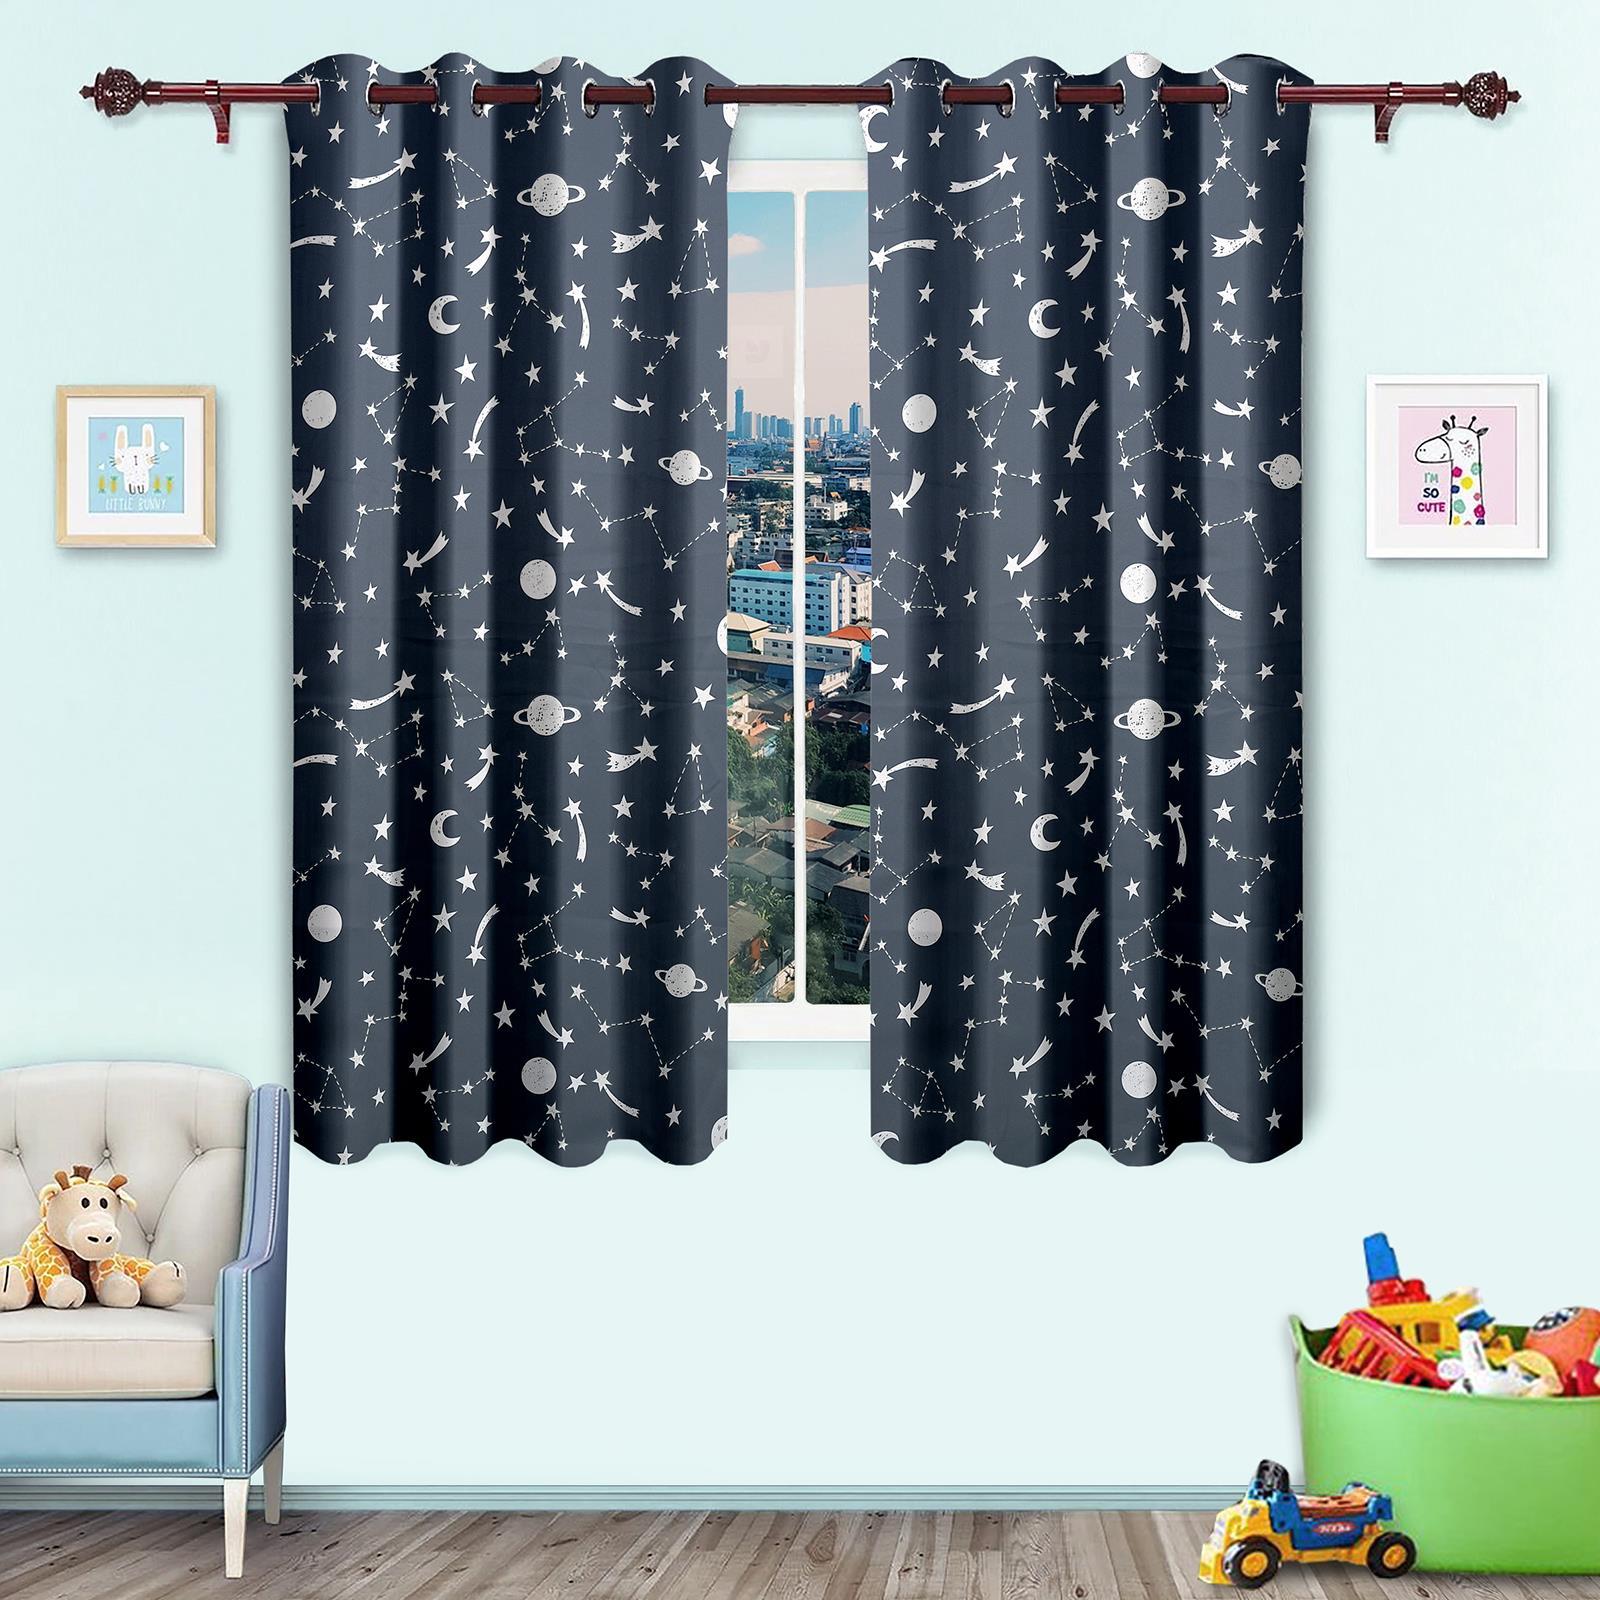 Glow In Dark Curtains Children Kid Bedroom Night Light Eyelet Voile Ebay